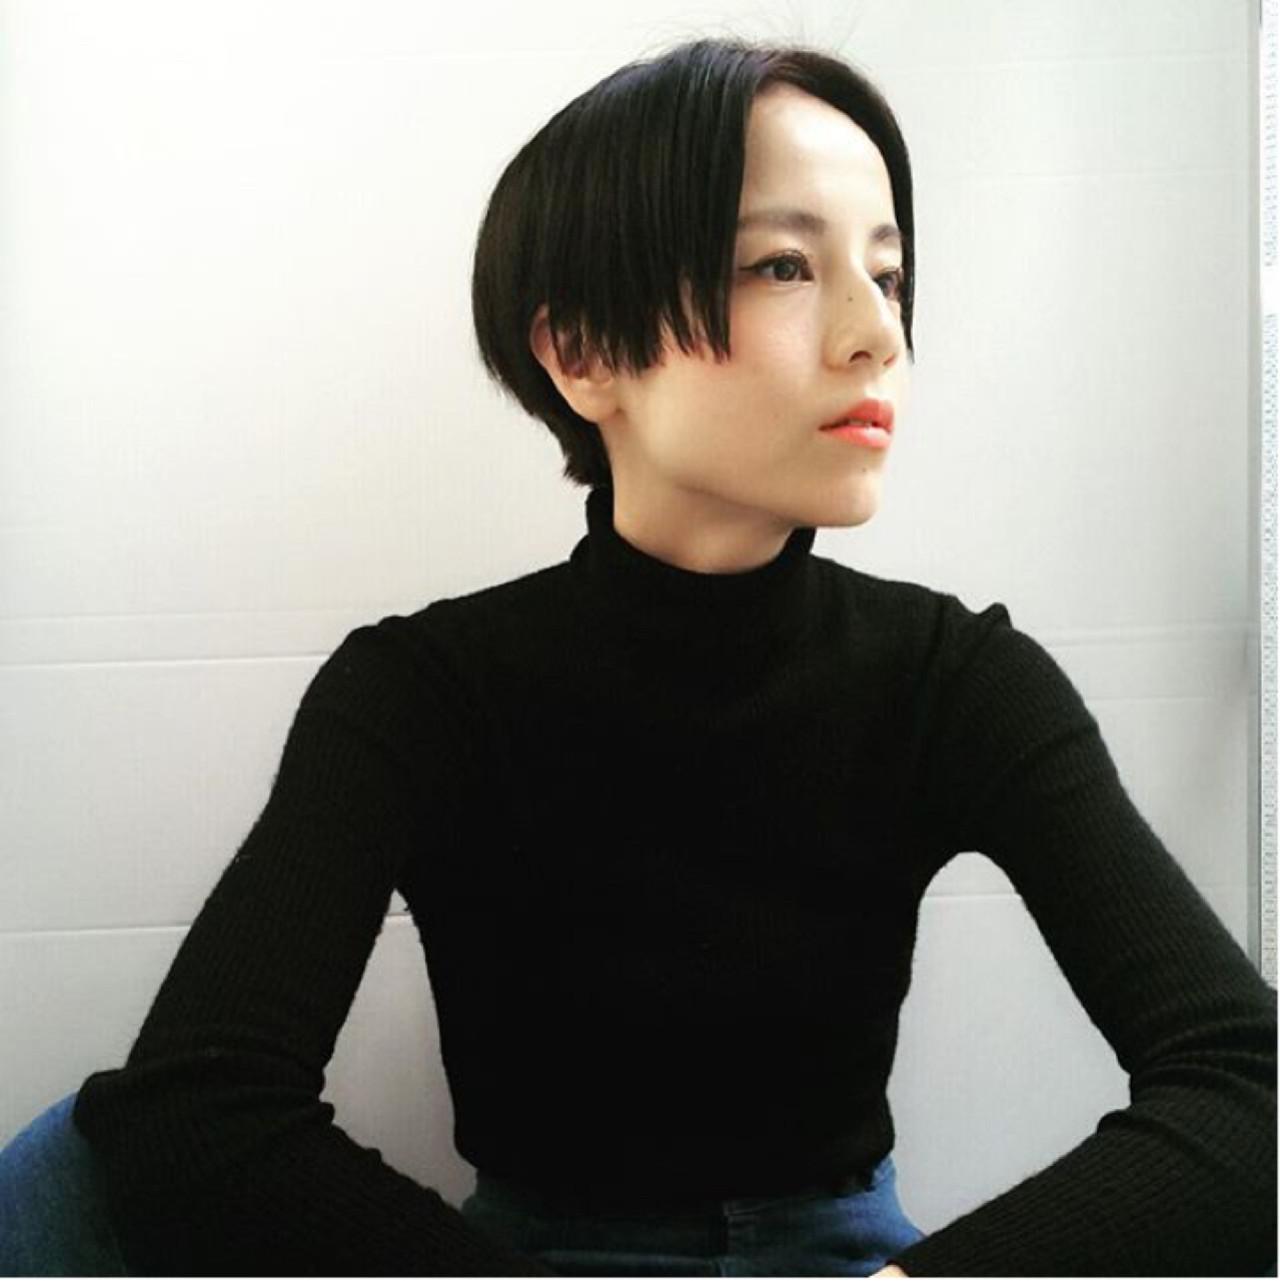 ナチュラル 暗髪 ウェットヘア センターパート ヘアスタイルや髪型の写真・画像 | 馬橋達佳 / log